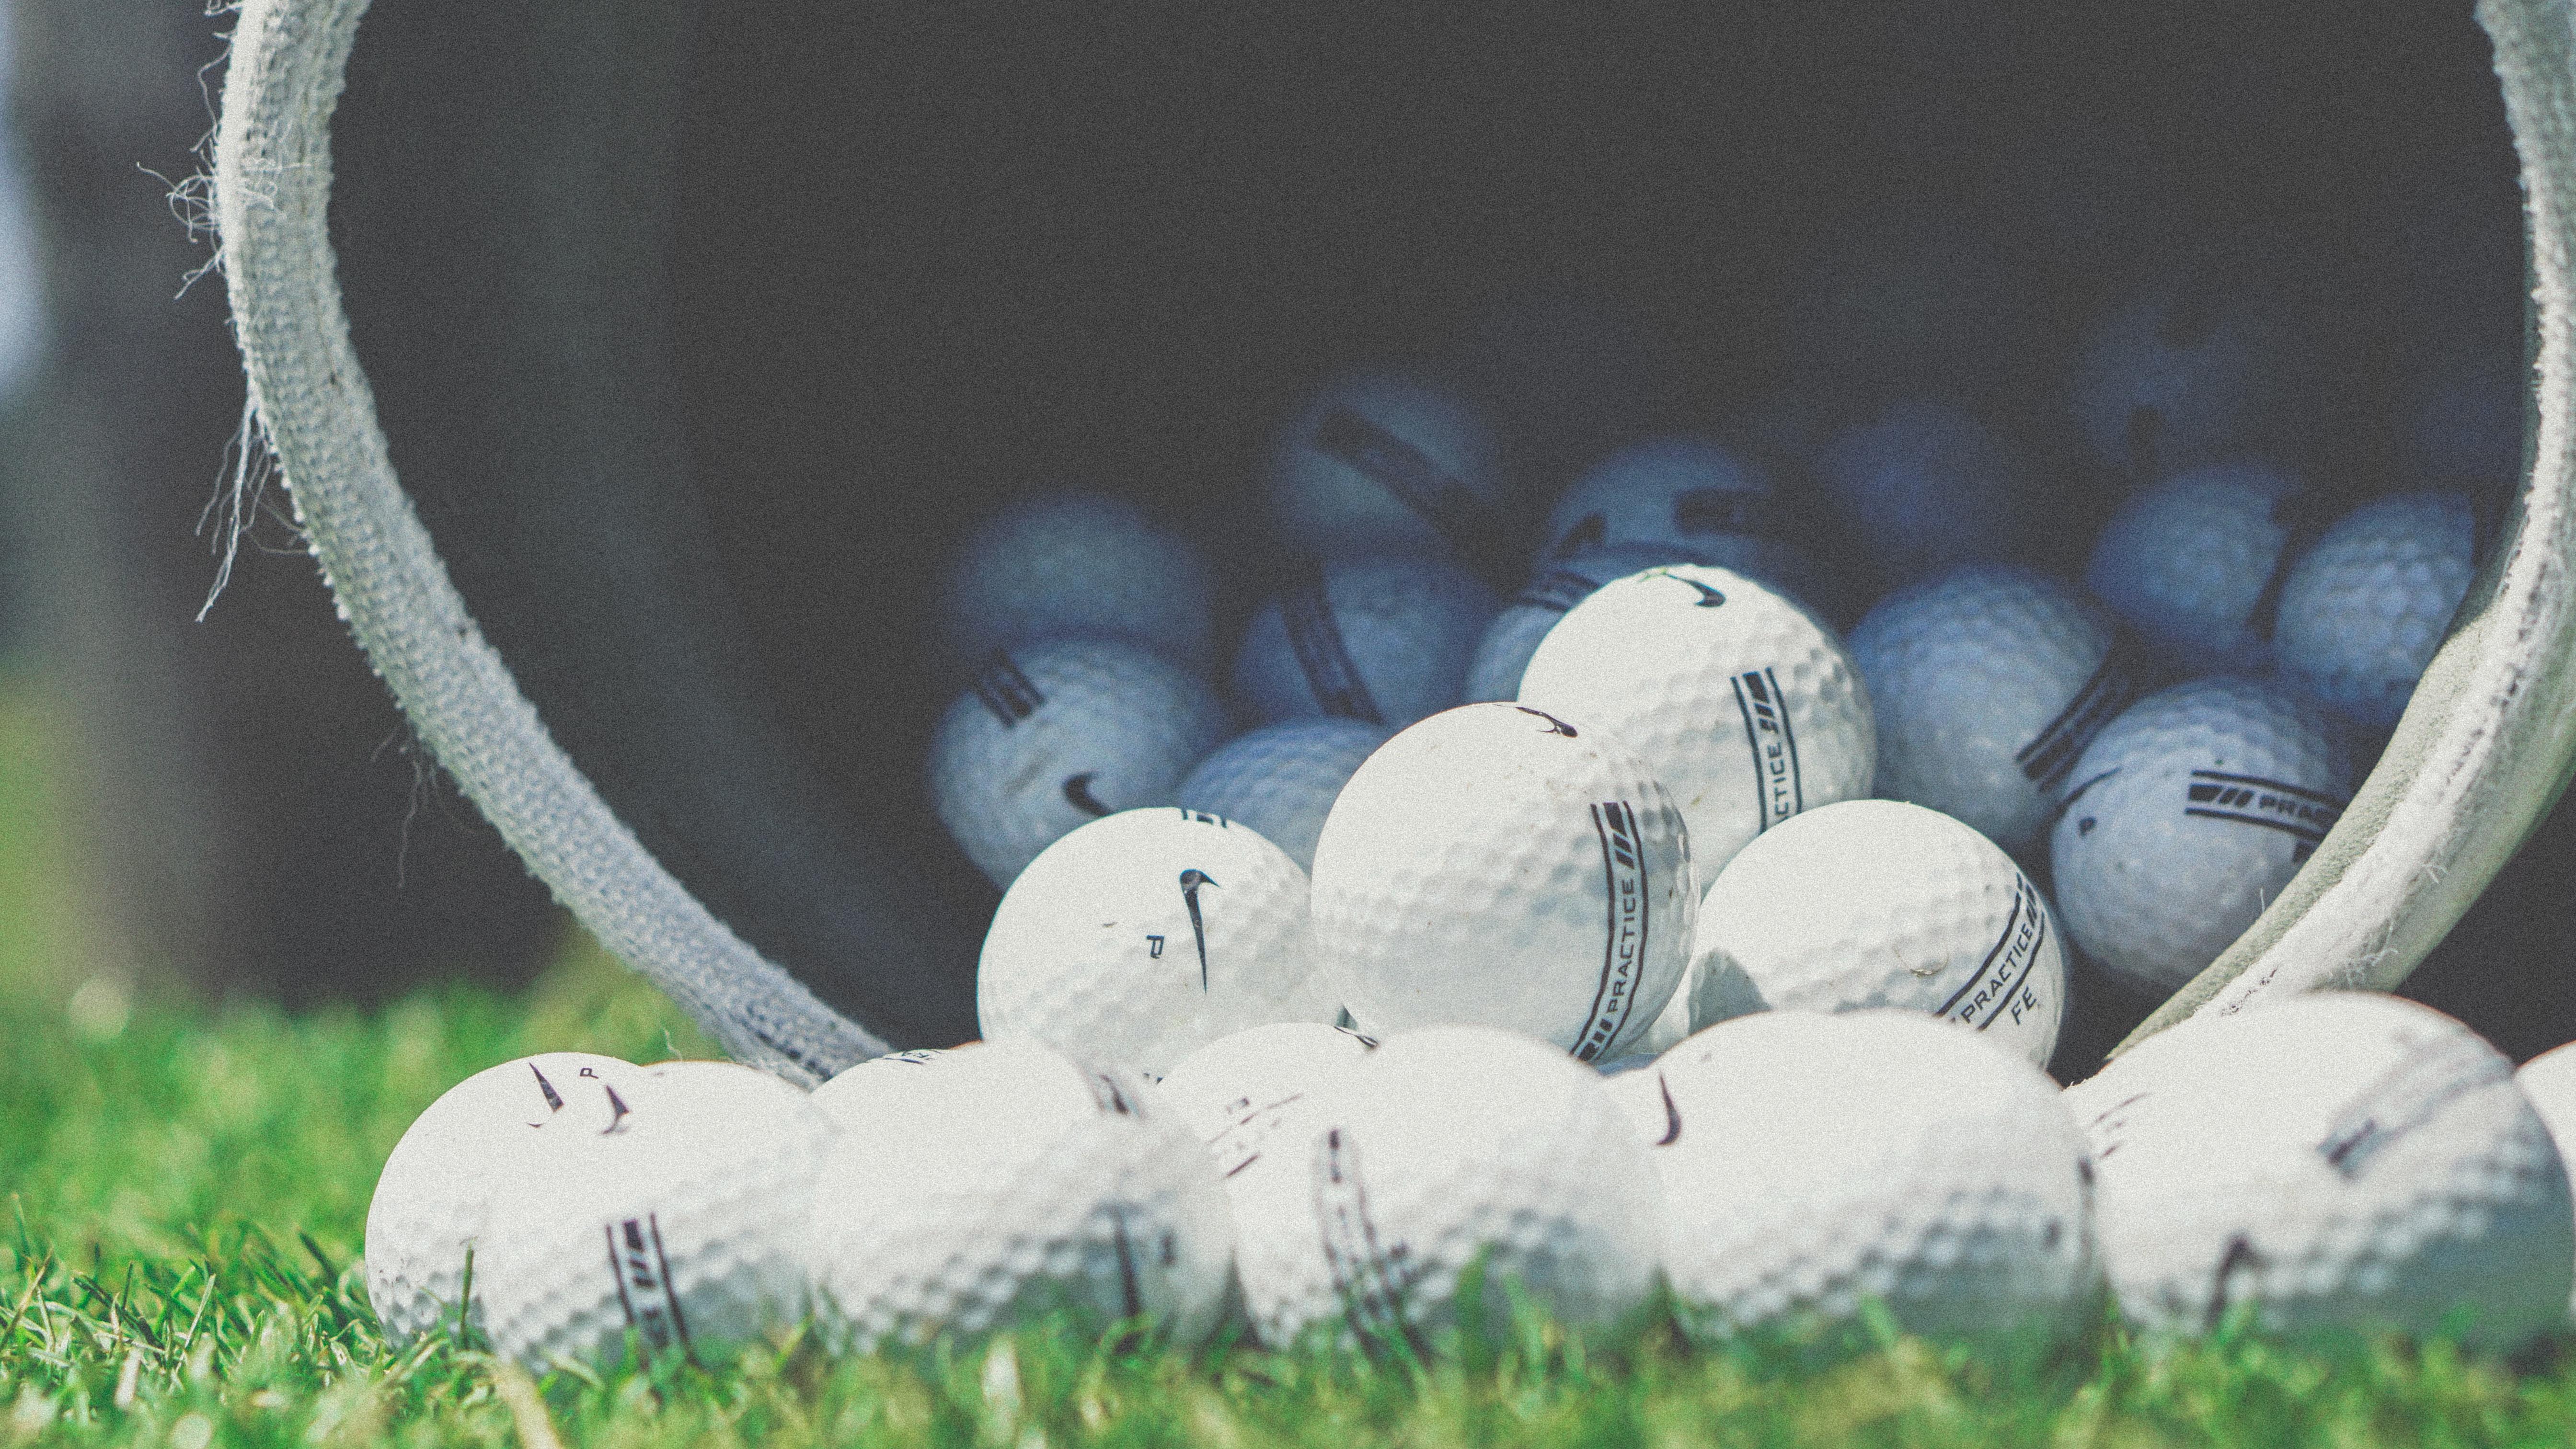 Grass Nike Blue Football Golf Ball Macro Photography Computer Wallpaper